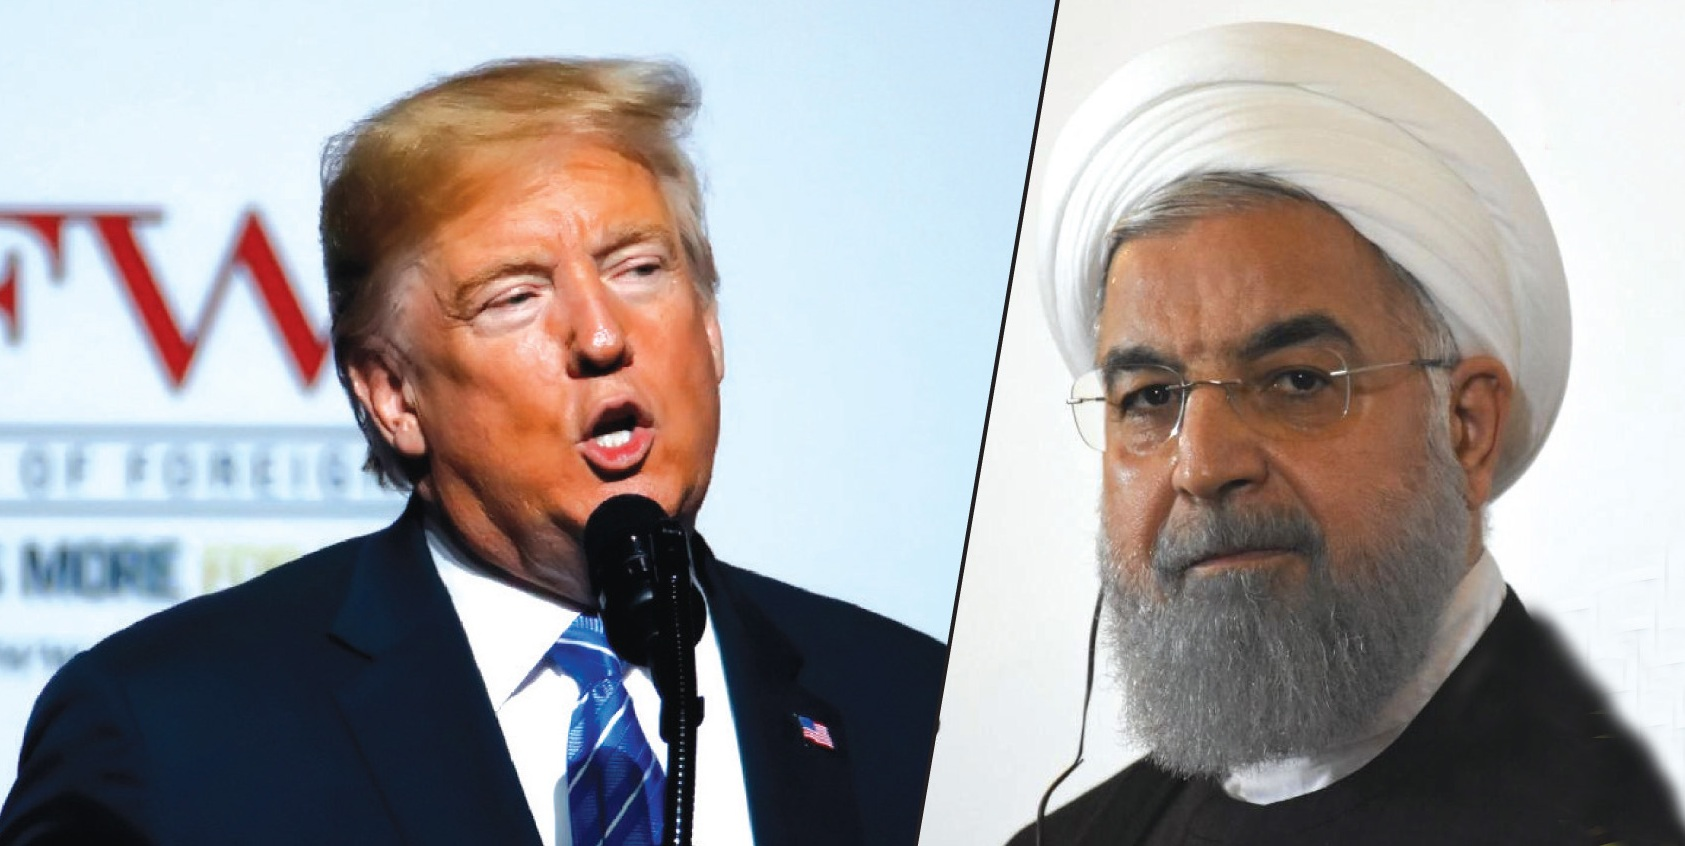 अमेरिका इराणबरोबर 'वास्तविक' अणुकरार करण्यास तयार – राष्ट्राध्यक्ष ट्रम्प यांची घोषणा